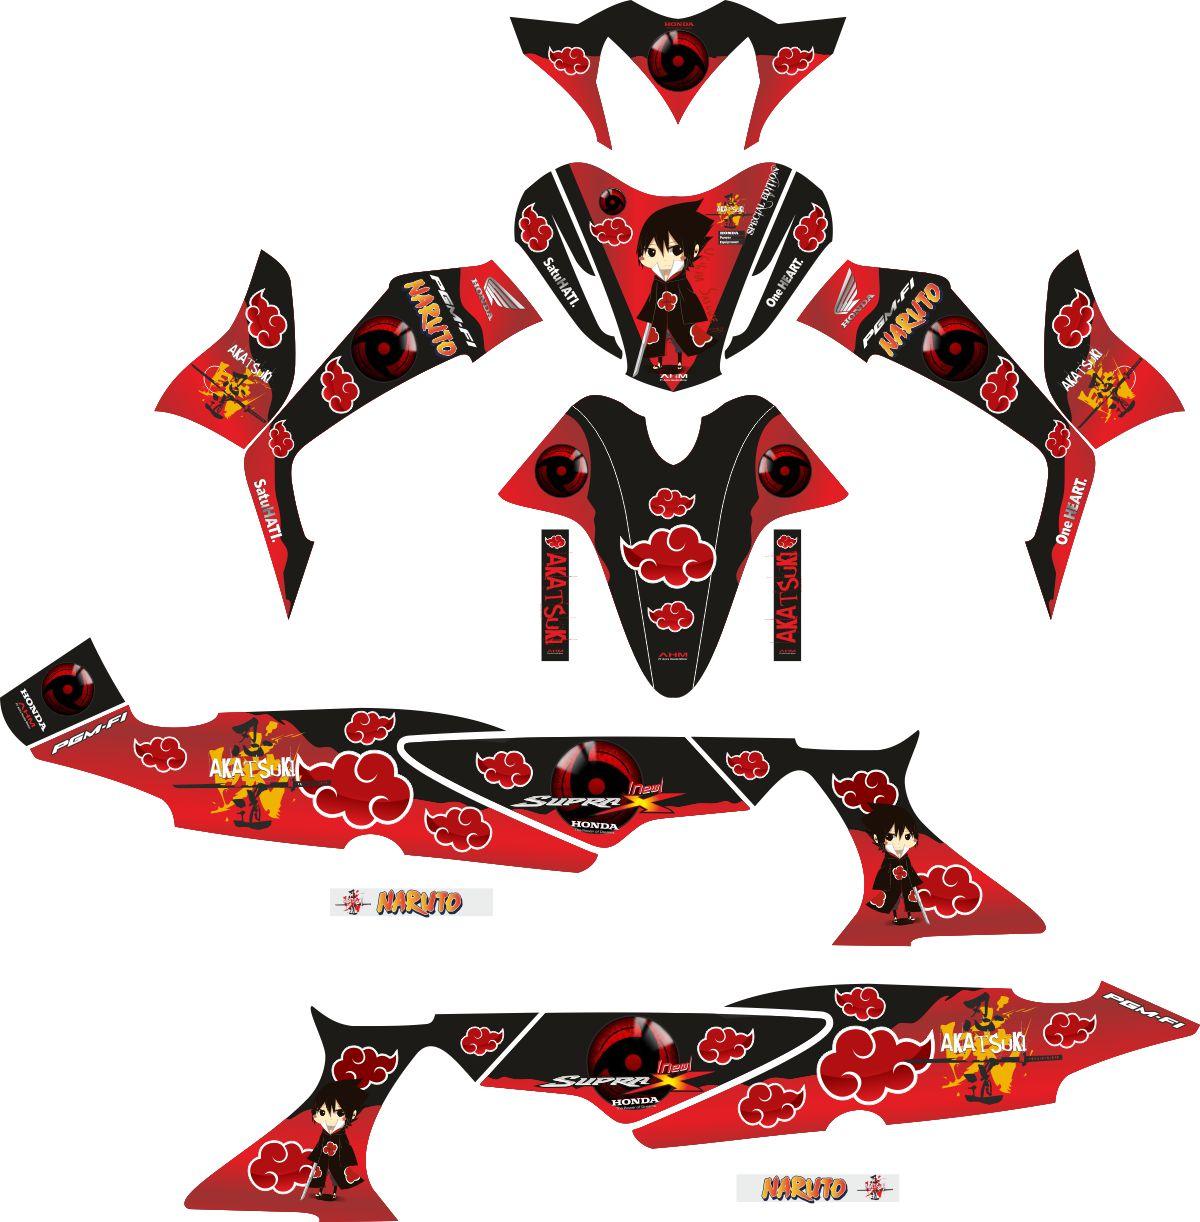 Комплект наклеек на скутер HONDA SUPRA X 125 AKATSUKI